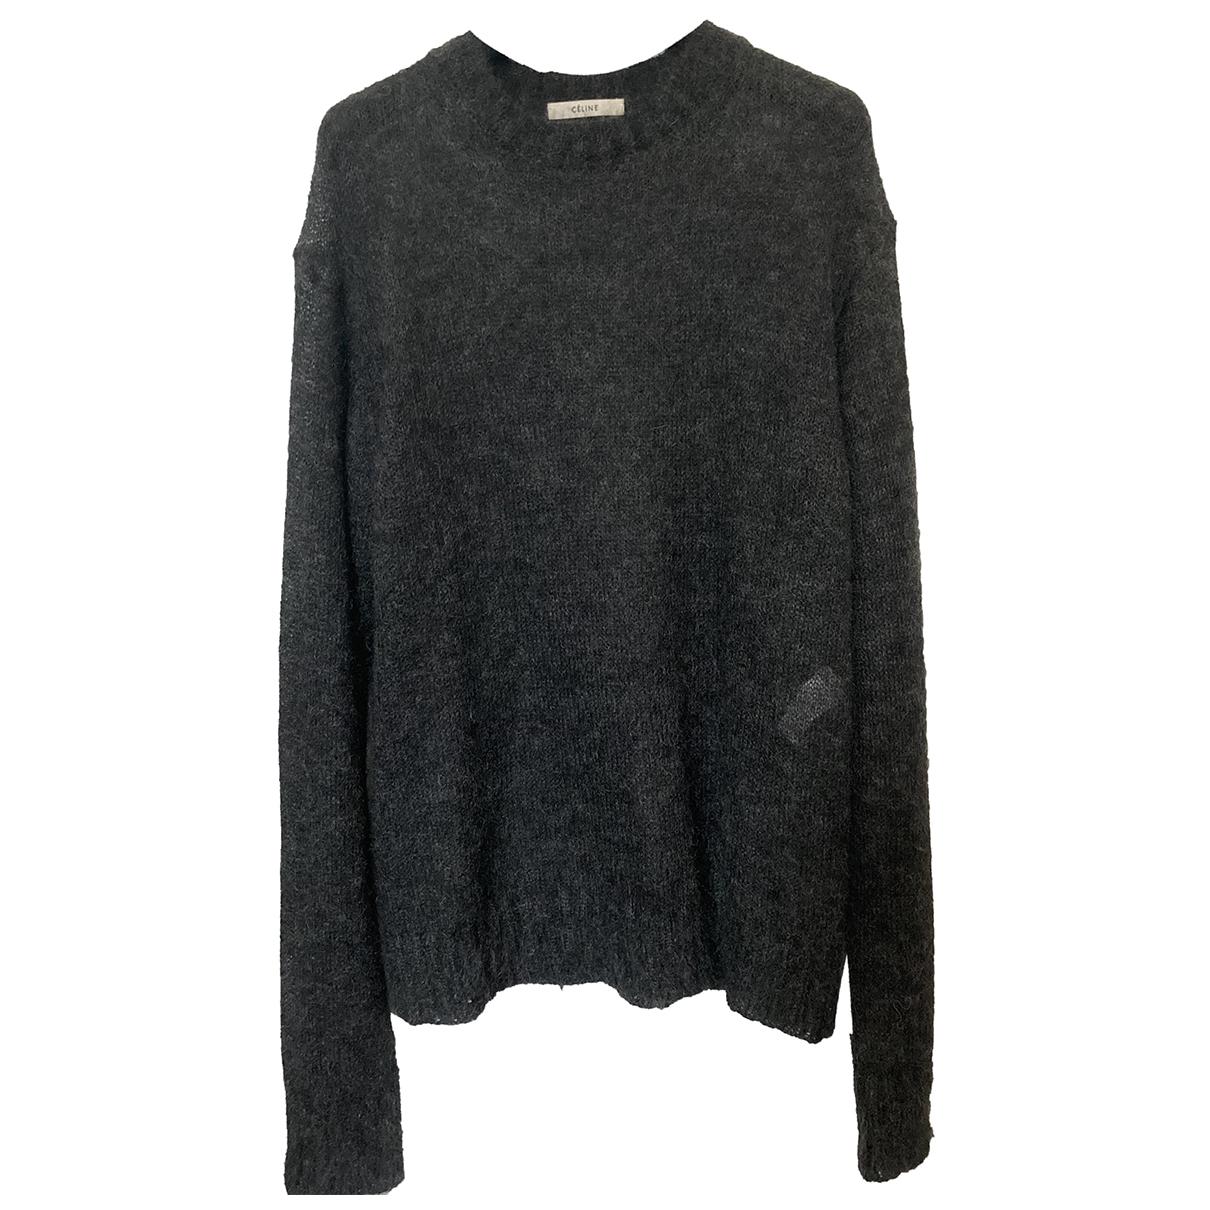 Celine - Pull   pour femme en laine - anthracite